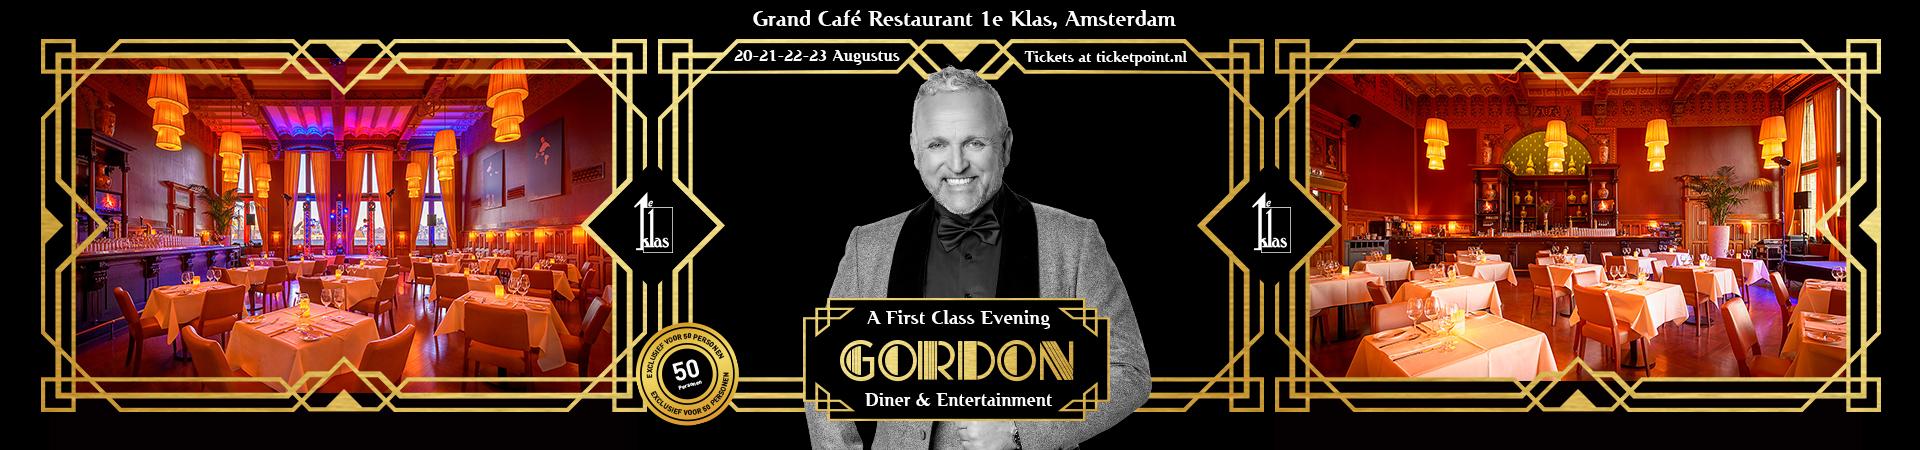 First Class Evening - Gordon - Augustus 2020